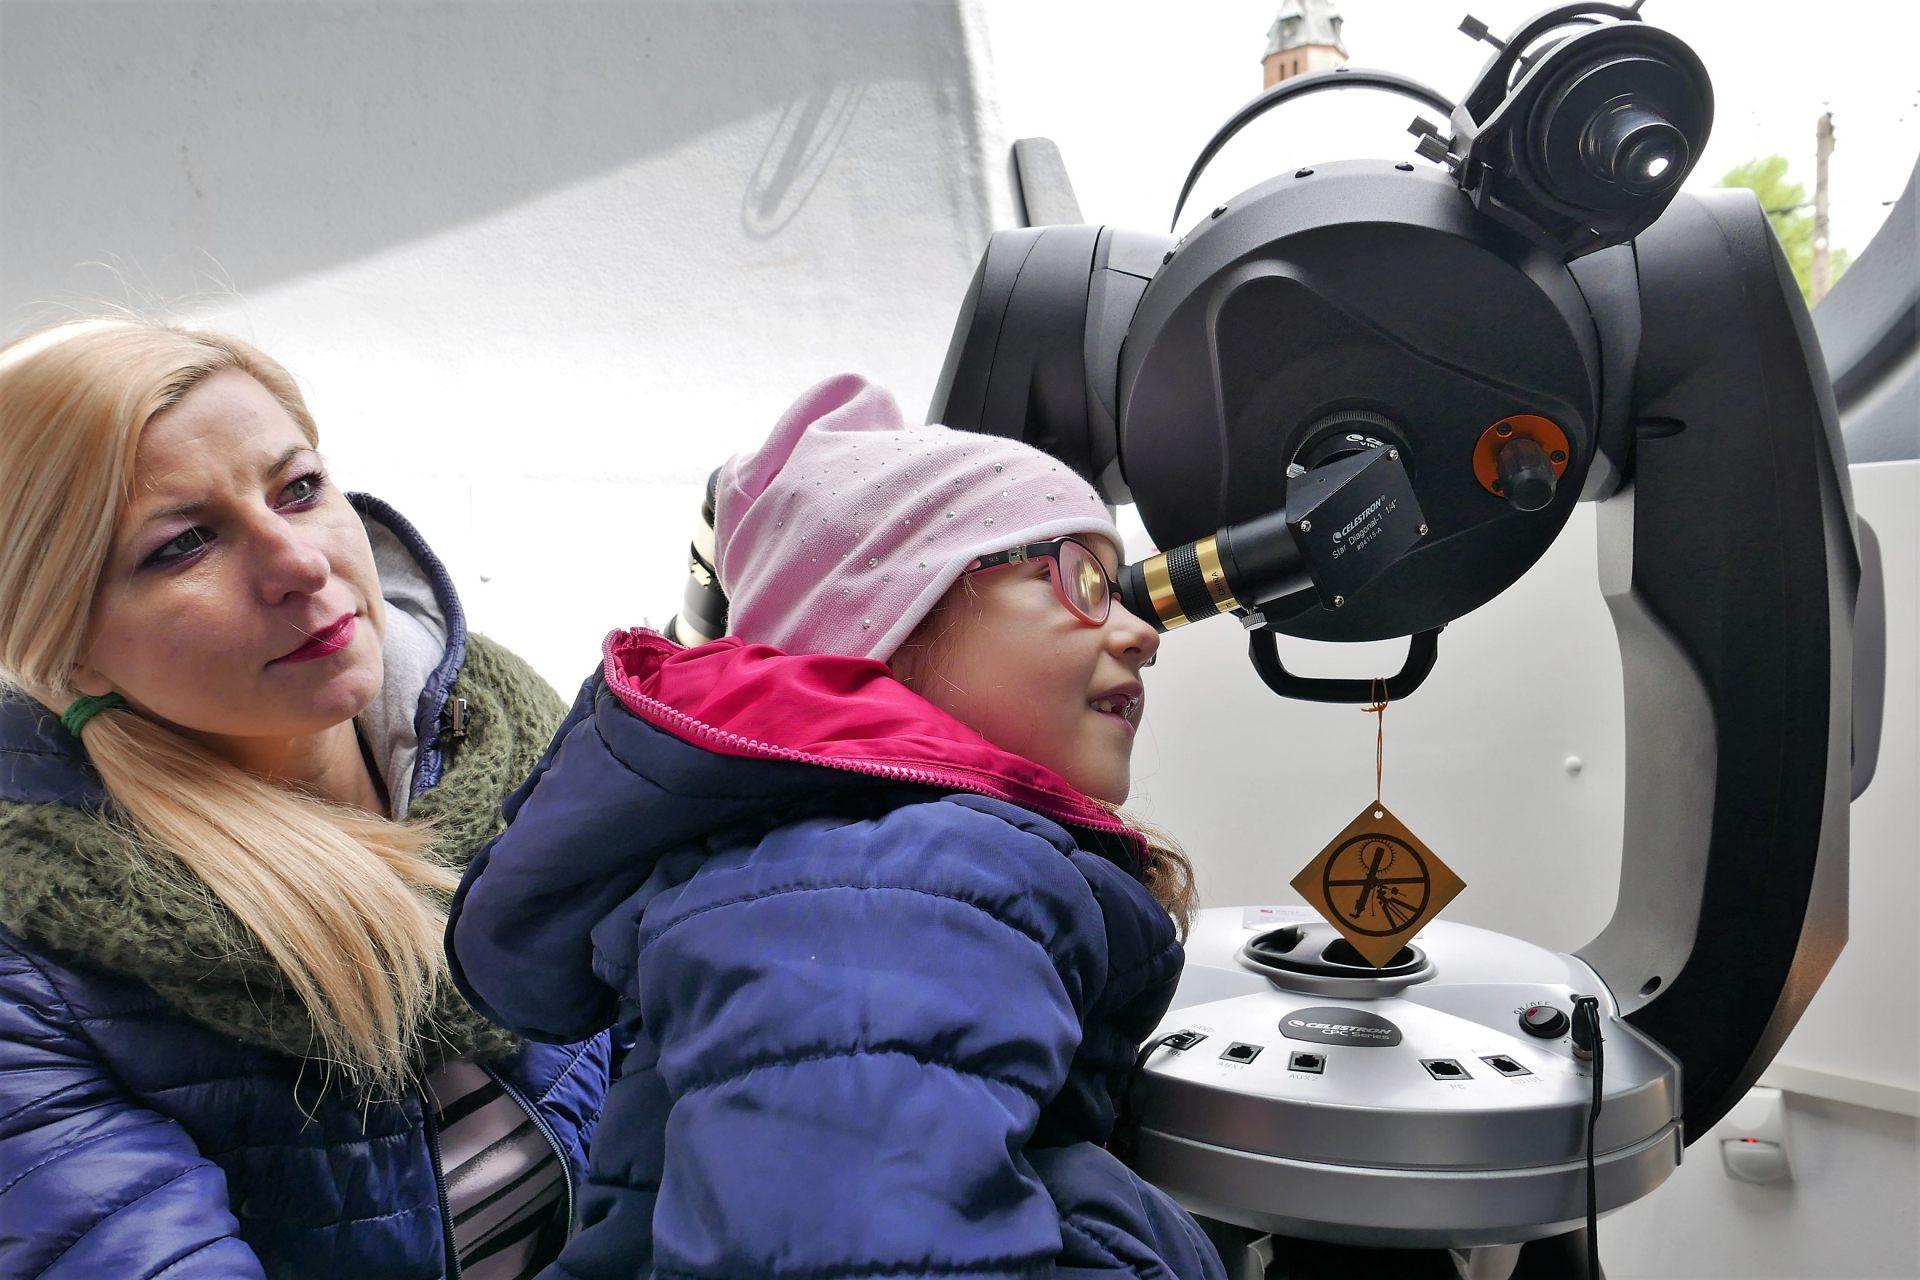 16/17 – Wizyta w obserwatorium astronomicznym w Trzeszczanach